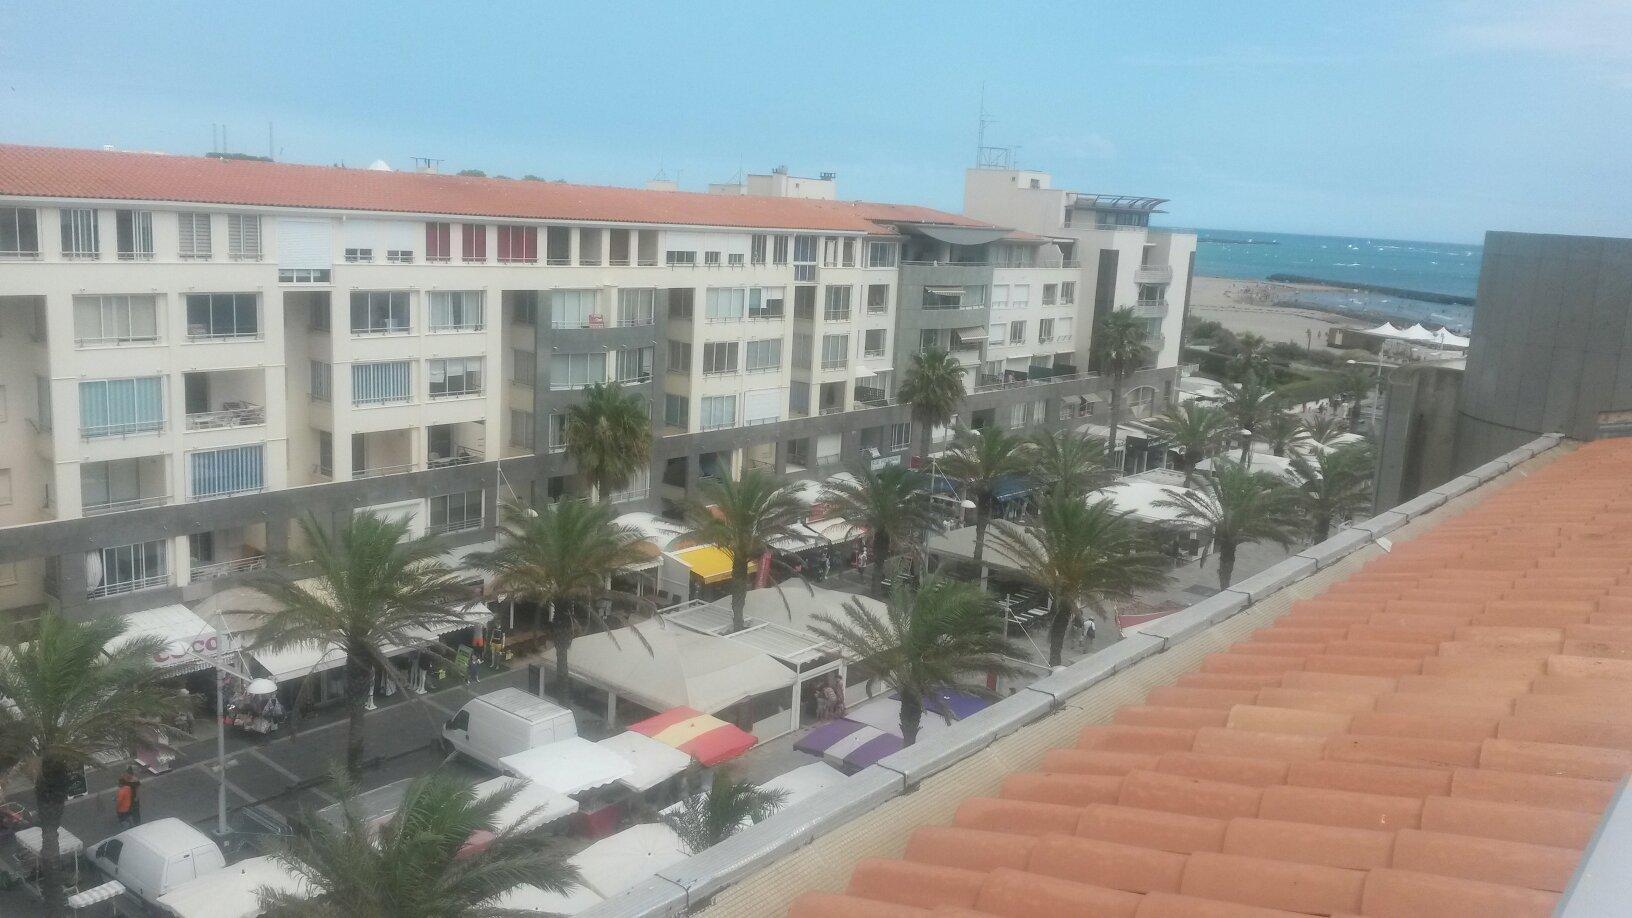 羅切隆戈海岸皮埃爾度假公寓飯店